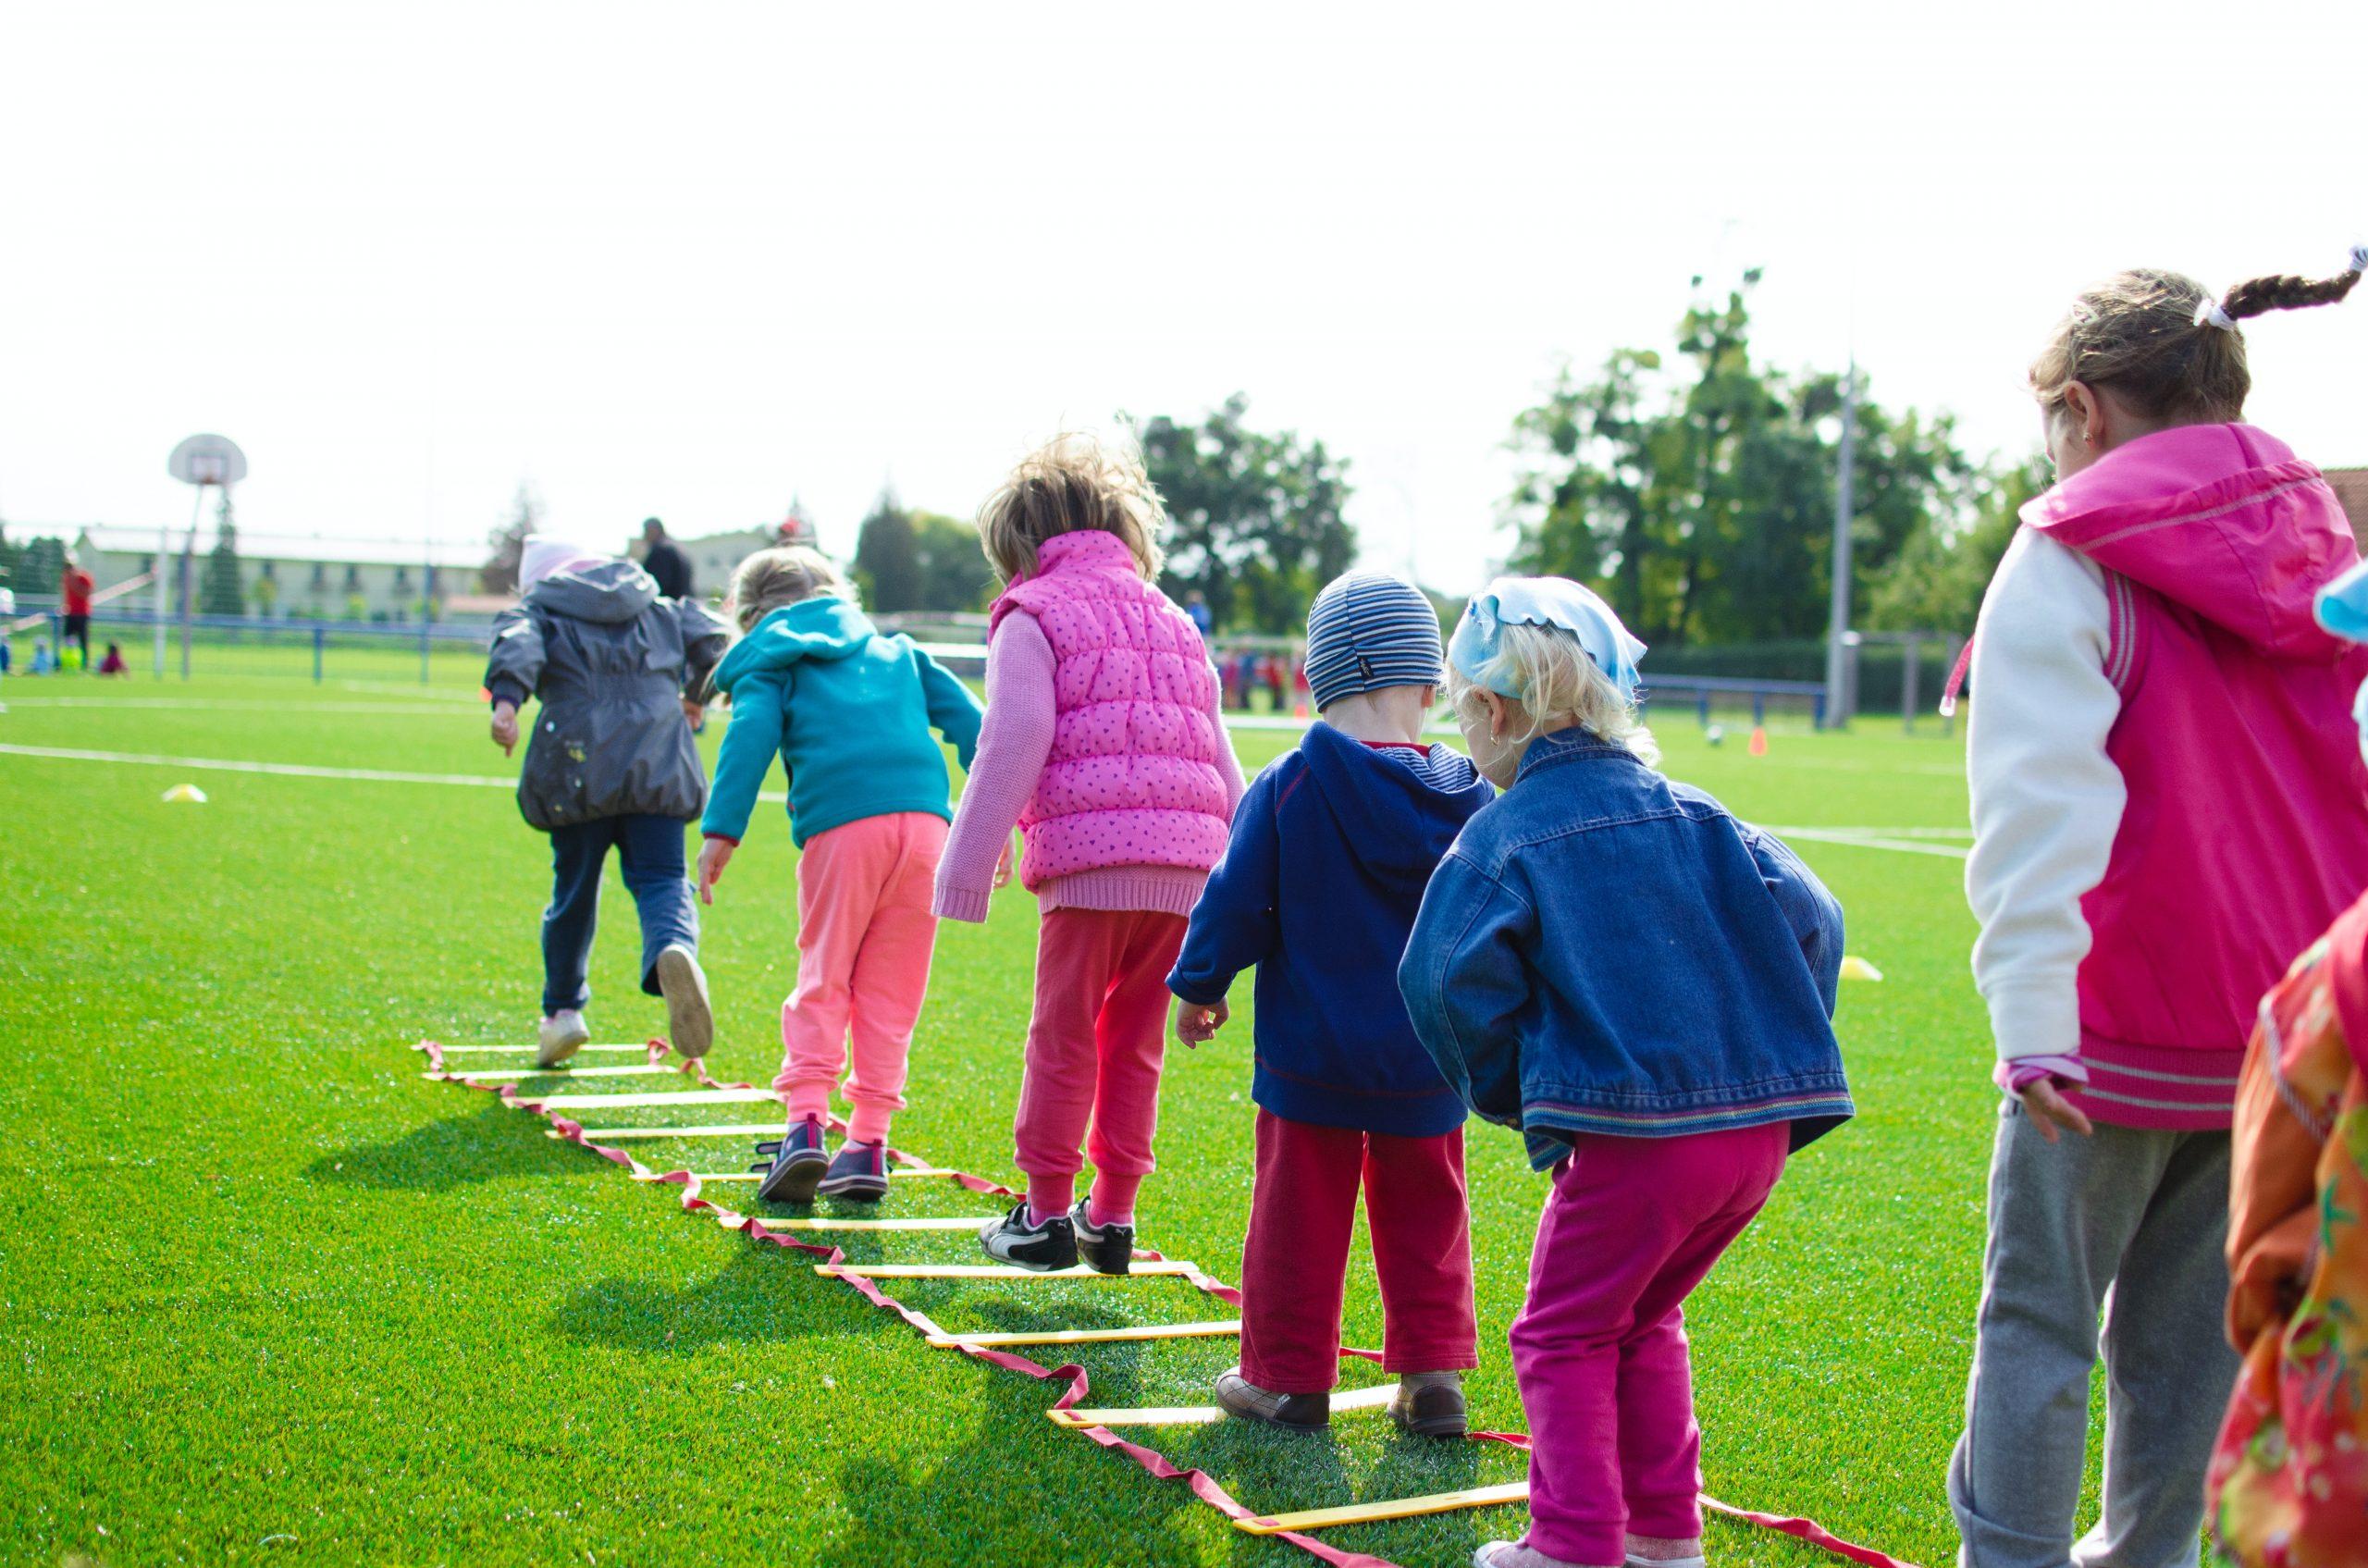 Imagem de crianças praticando esporte em uma escada de agilidade.